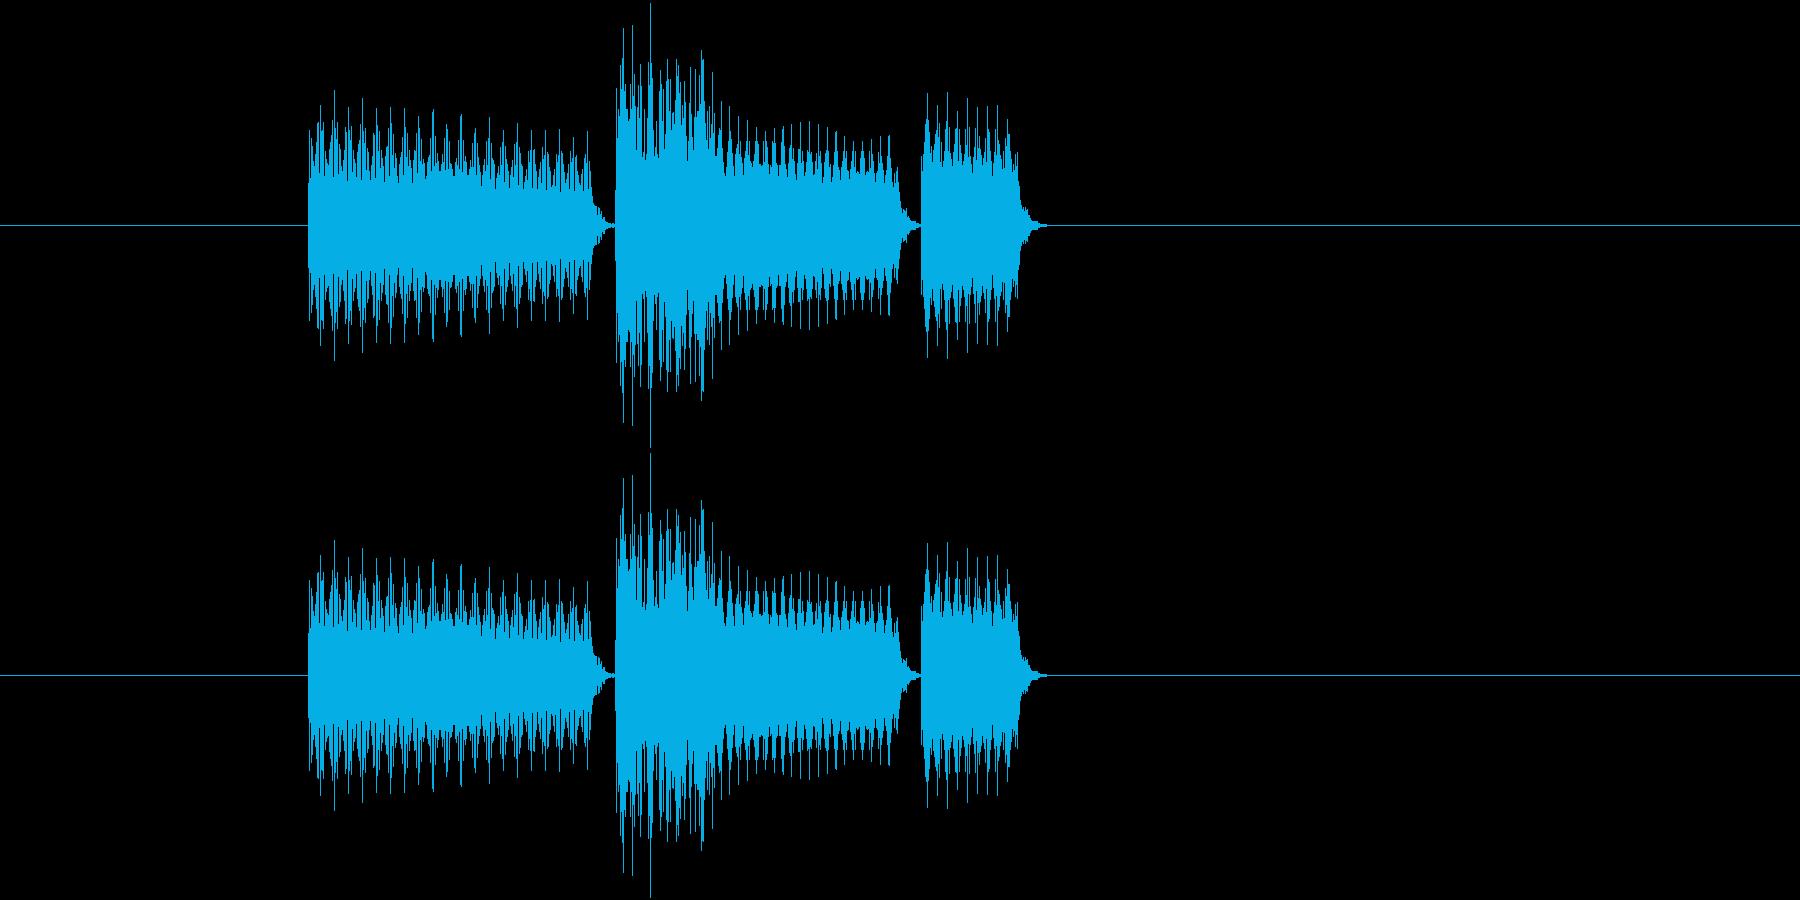 ゲーム(セレクト、決定など)の音の再生済みの波形